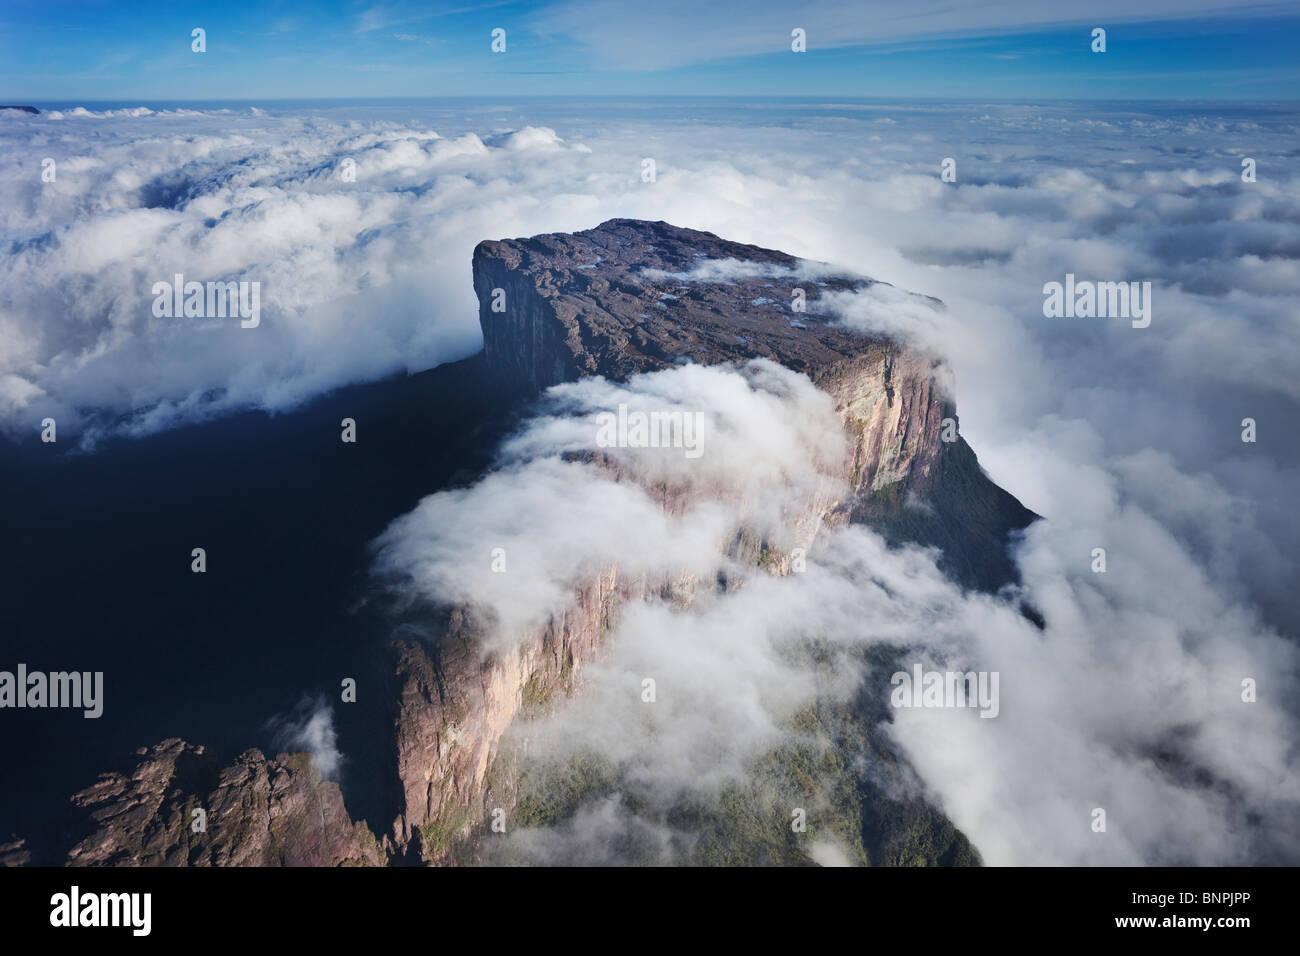 Vue aérienne Le Roraima est le plus haut atteint 2810 mètres tepui dans l'altitude. Dessus plat couvert de nuages Banque D'Images